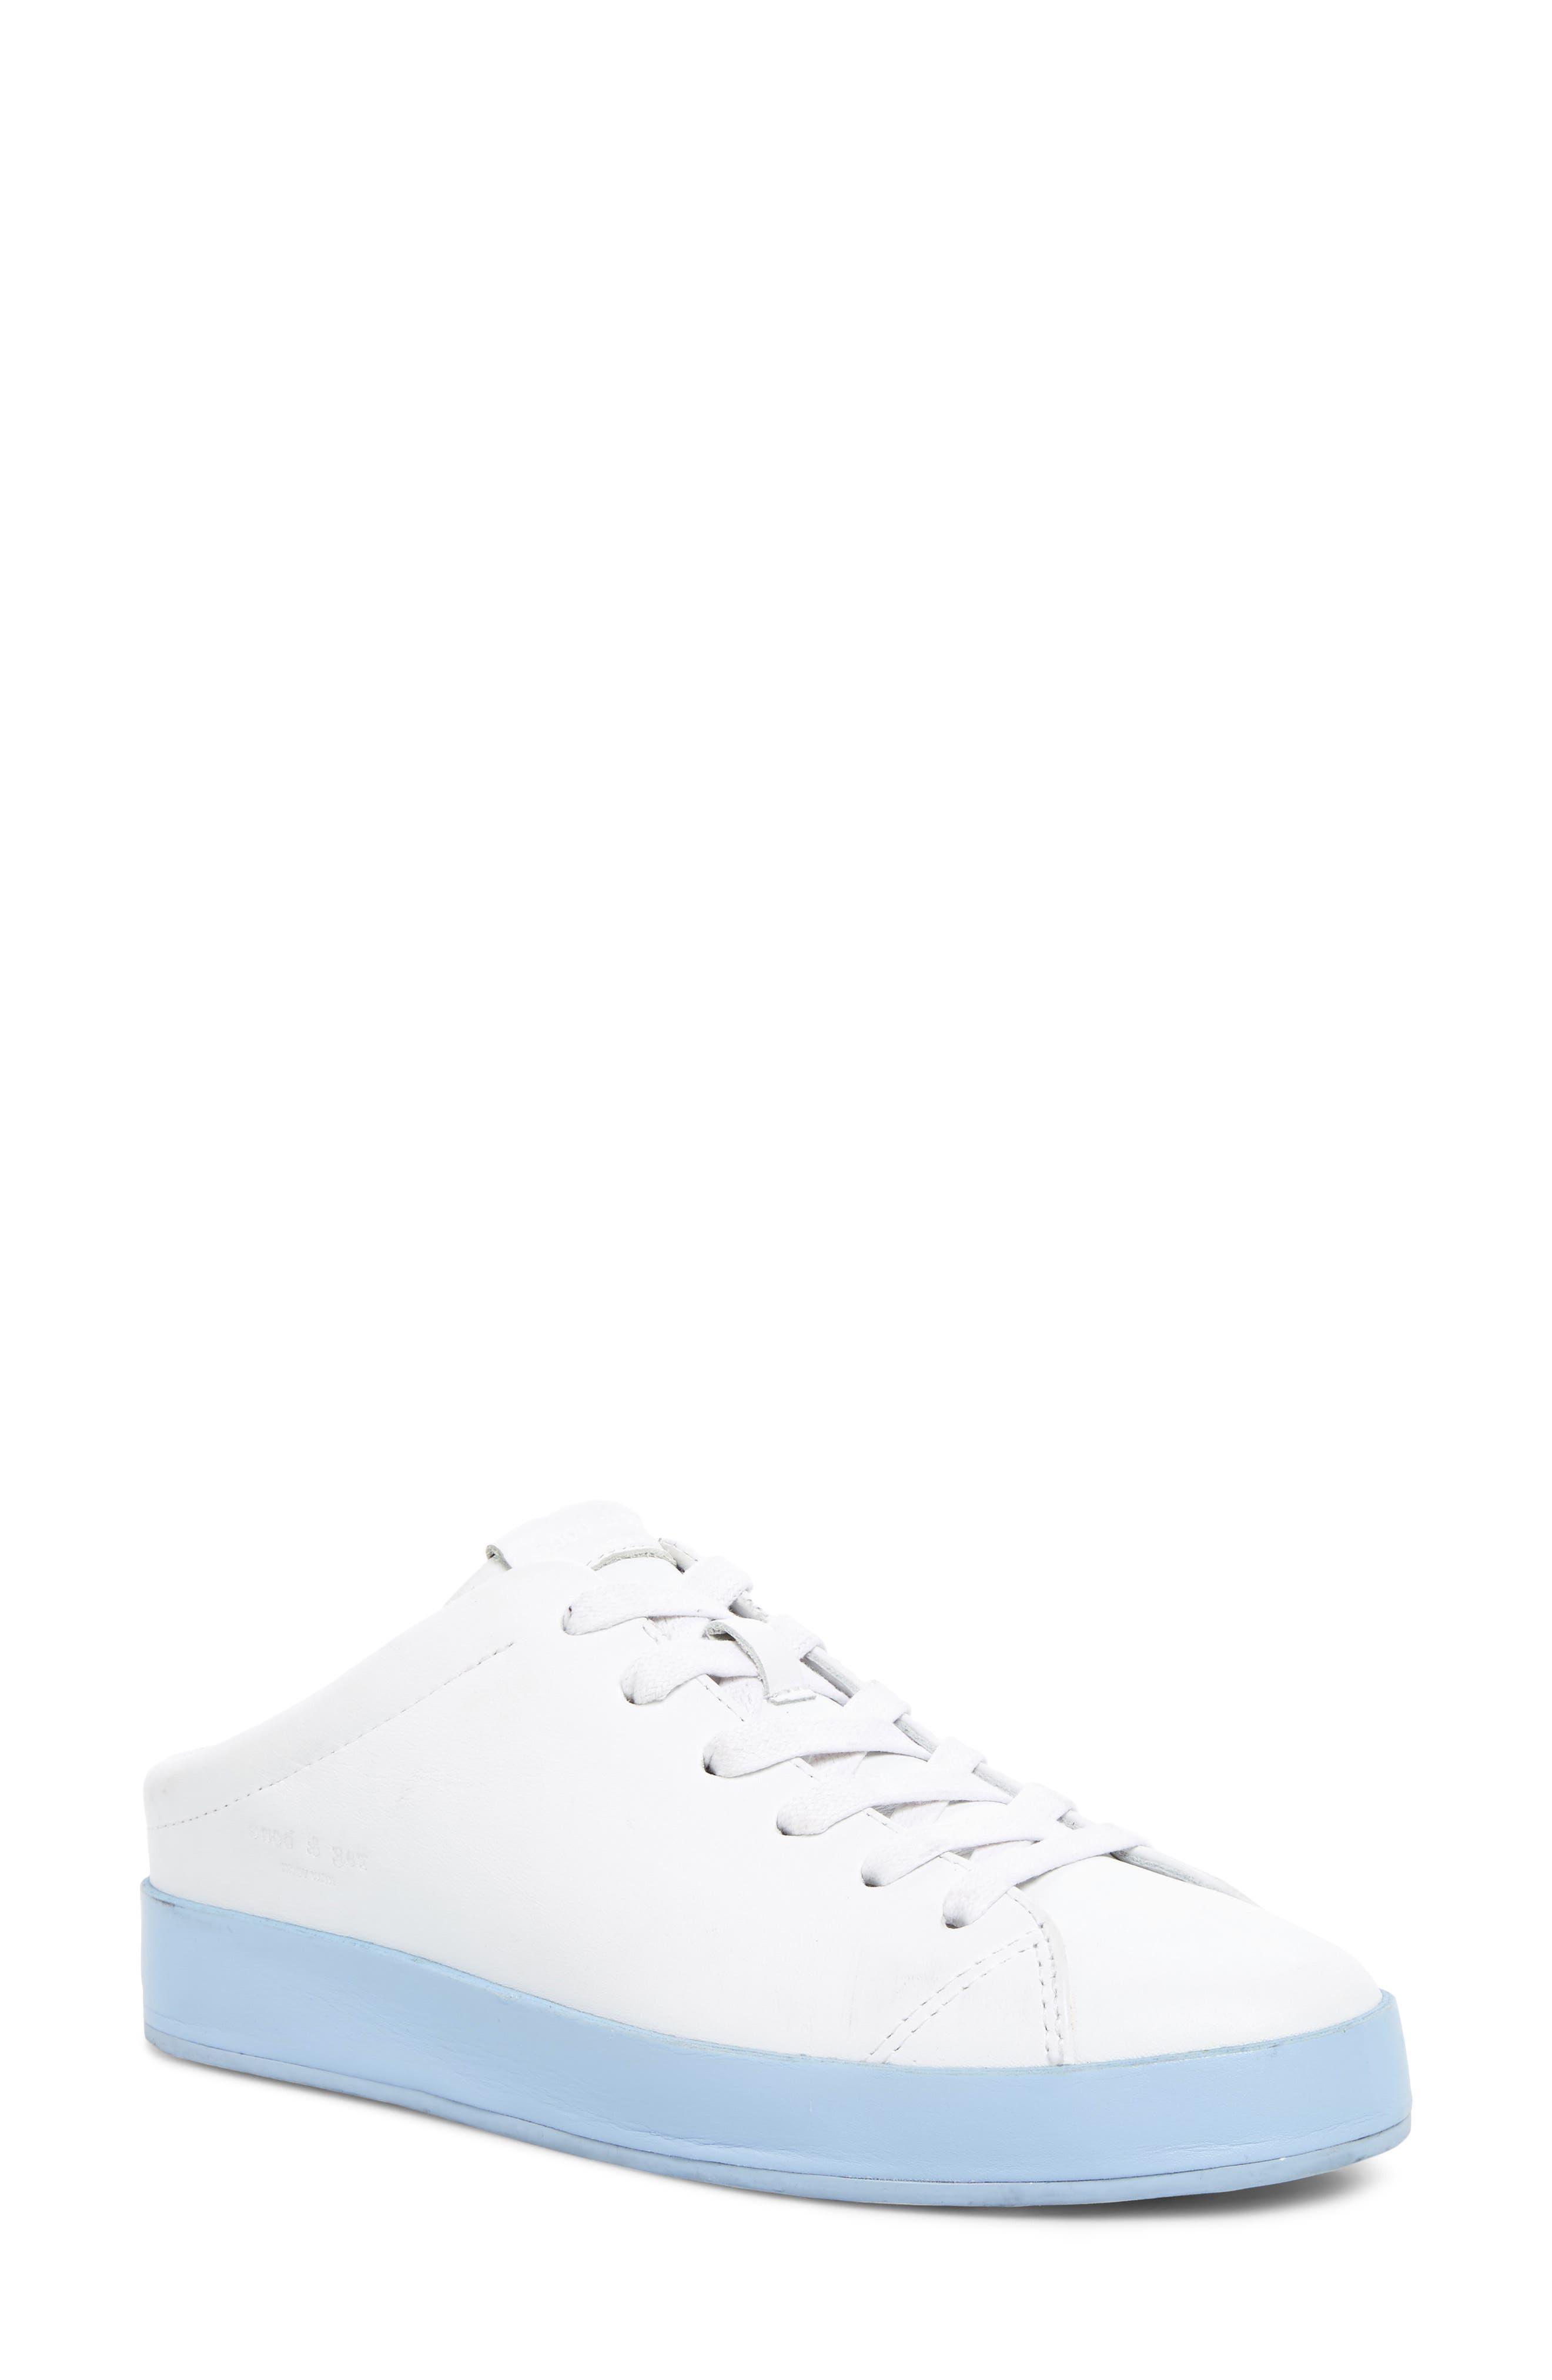 RB1 Slip-On Sneaker,                             Main thumbnail 2, color,